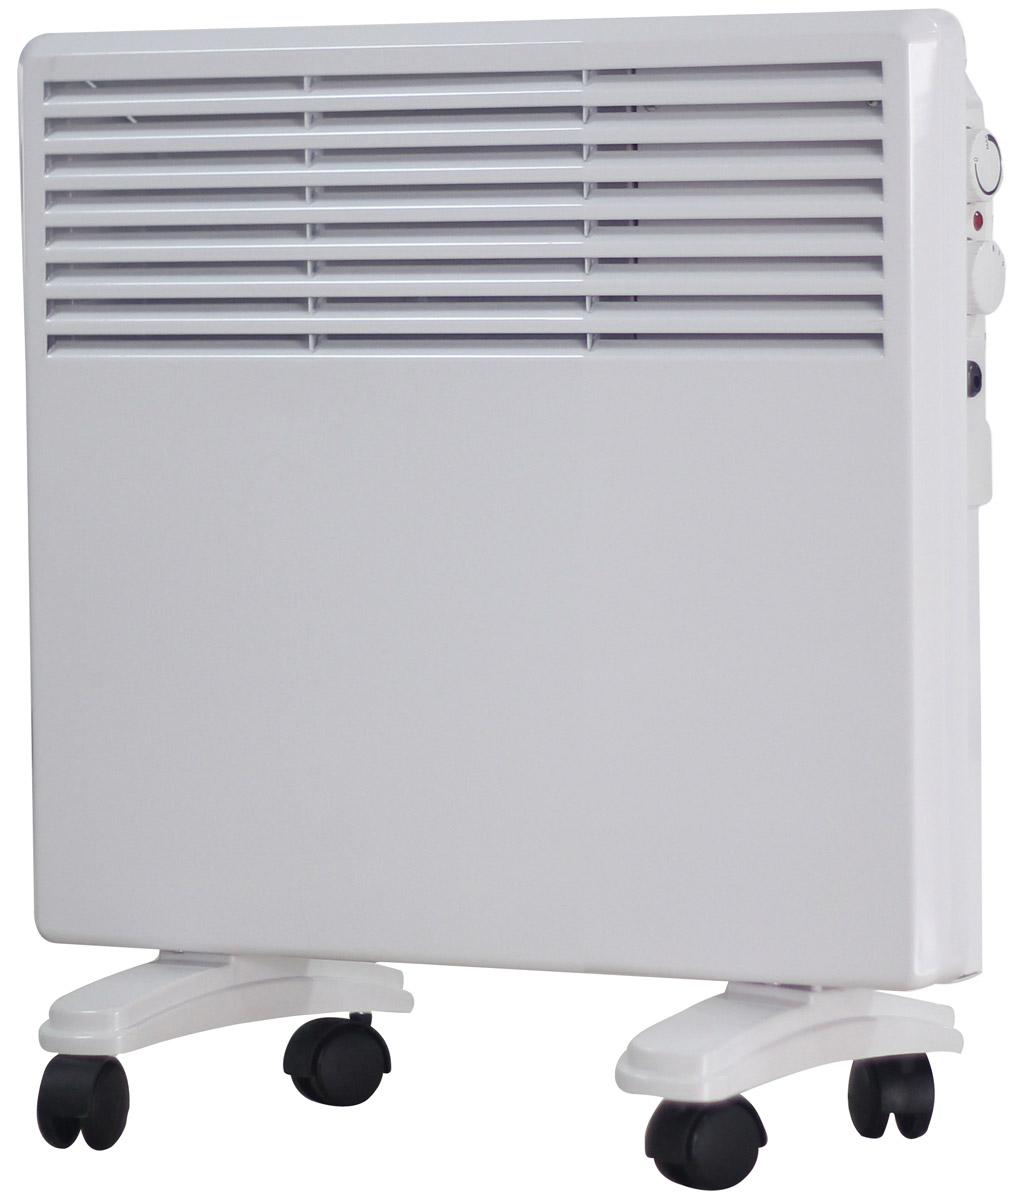 Irit IR-6204 конвекторный обогревательIR-6204Конвекторный обогреватель. Размер: 465 х 99 х 420 мм. Алюминиевый теплообменник. 2 уровня нагрева (500/1000Вт). Регулировка температуры. Автоматическое поддержание заданной температуры. Световой индикатор работы. Возможность установки на стену, колесные опоры. Рабочее напряжение: 220-240Вт/50Гц.